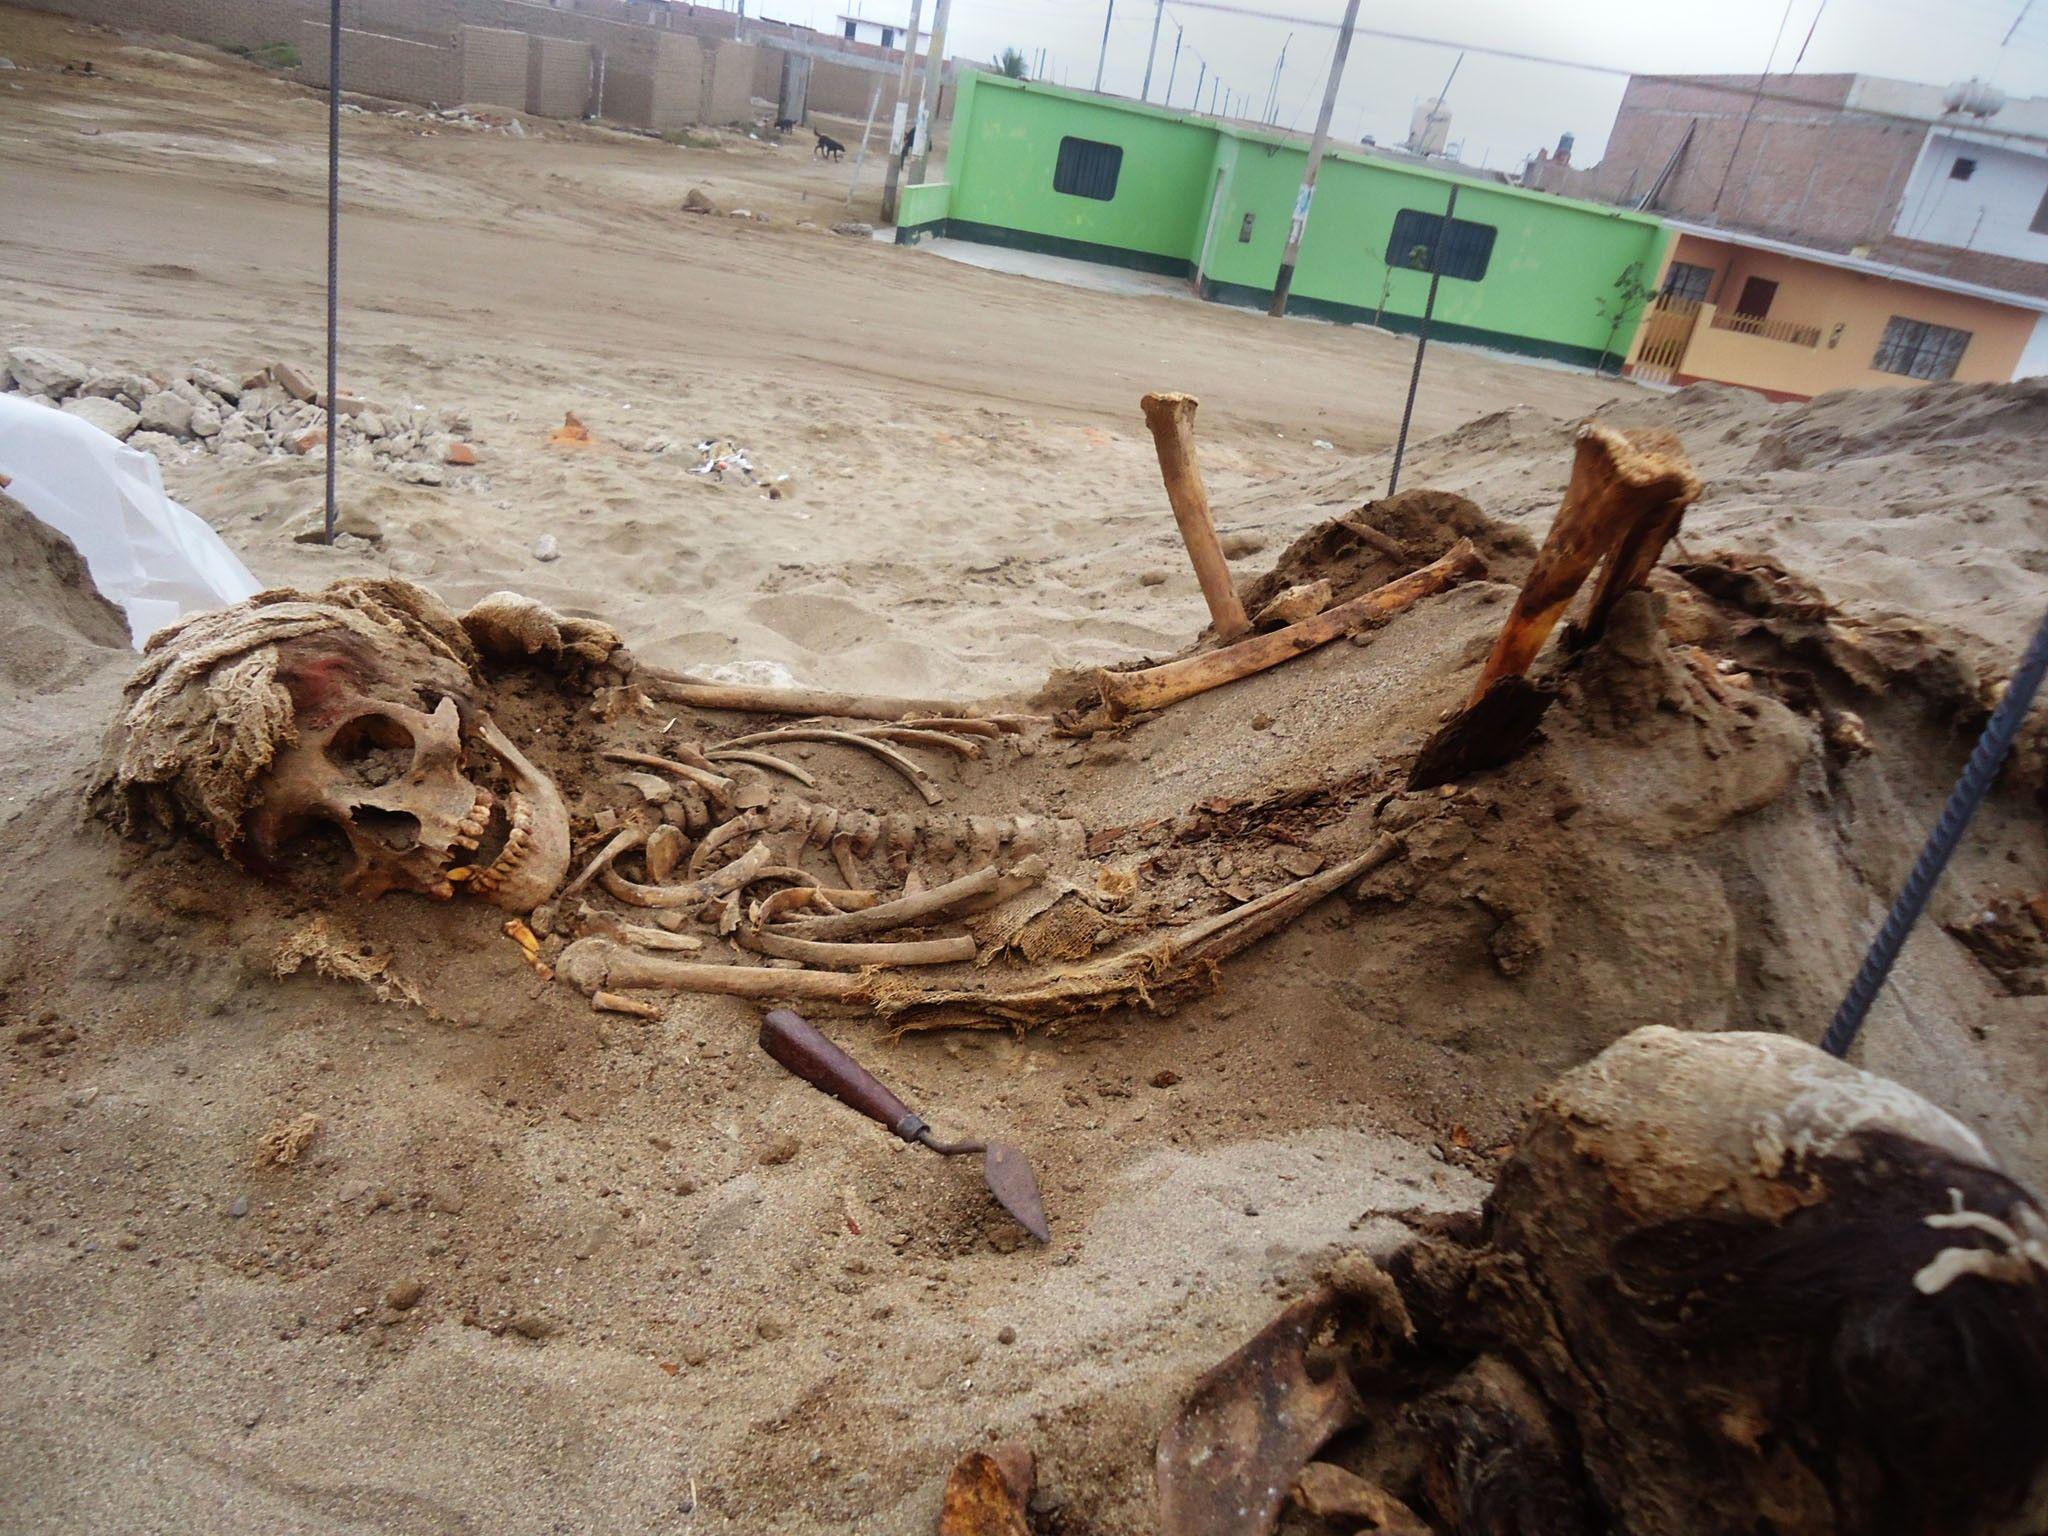 Exclusivo: Sacrifício em massa de crianças no Peru pode ter sido o o maior da história | National Geographic